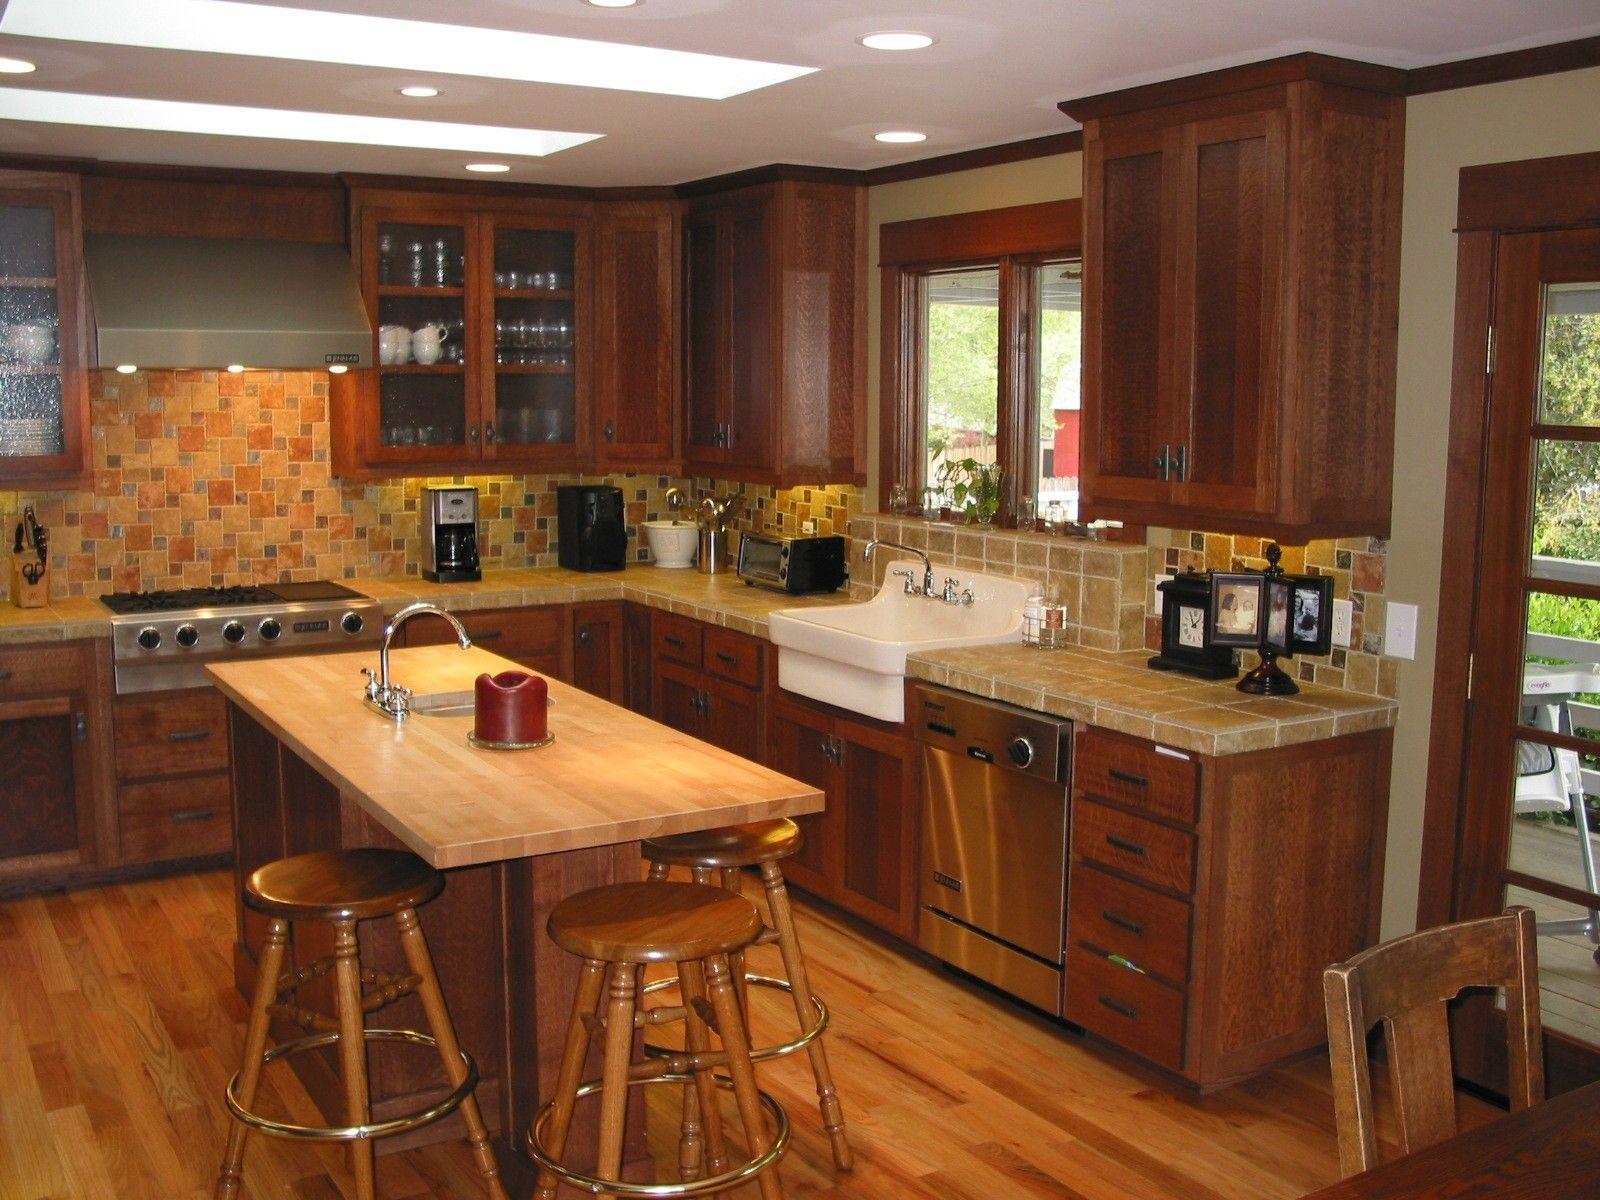 Furniturekitchendarkbrownstainedoakwoodcabinetforcountry New What Is New In Kitchen Design 2018